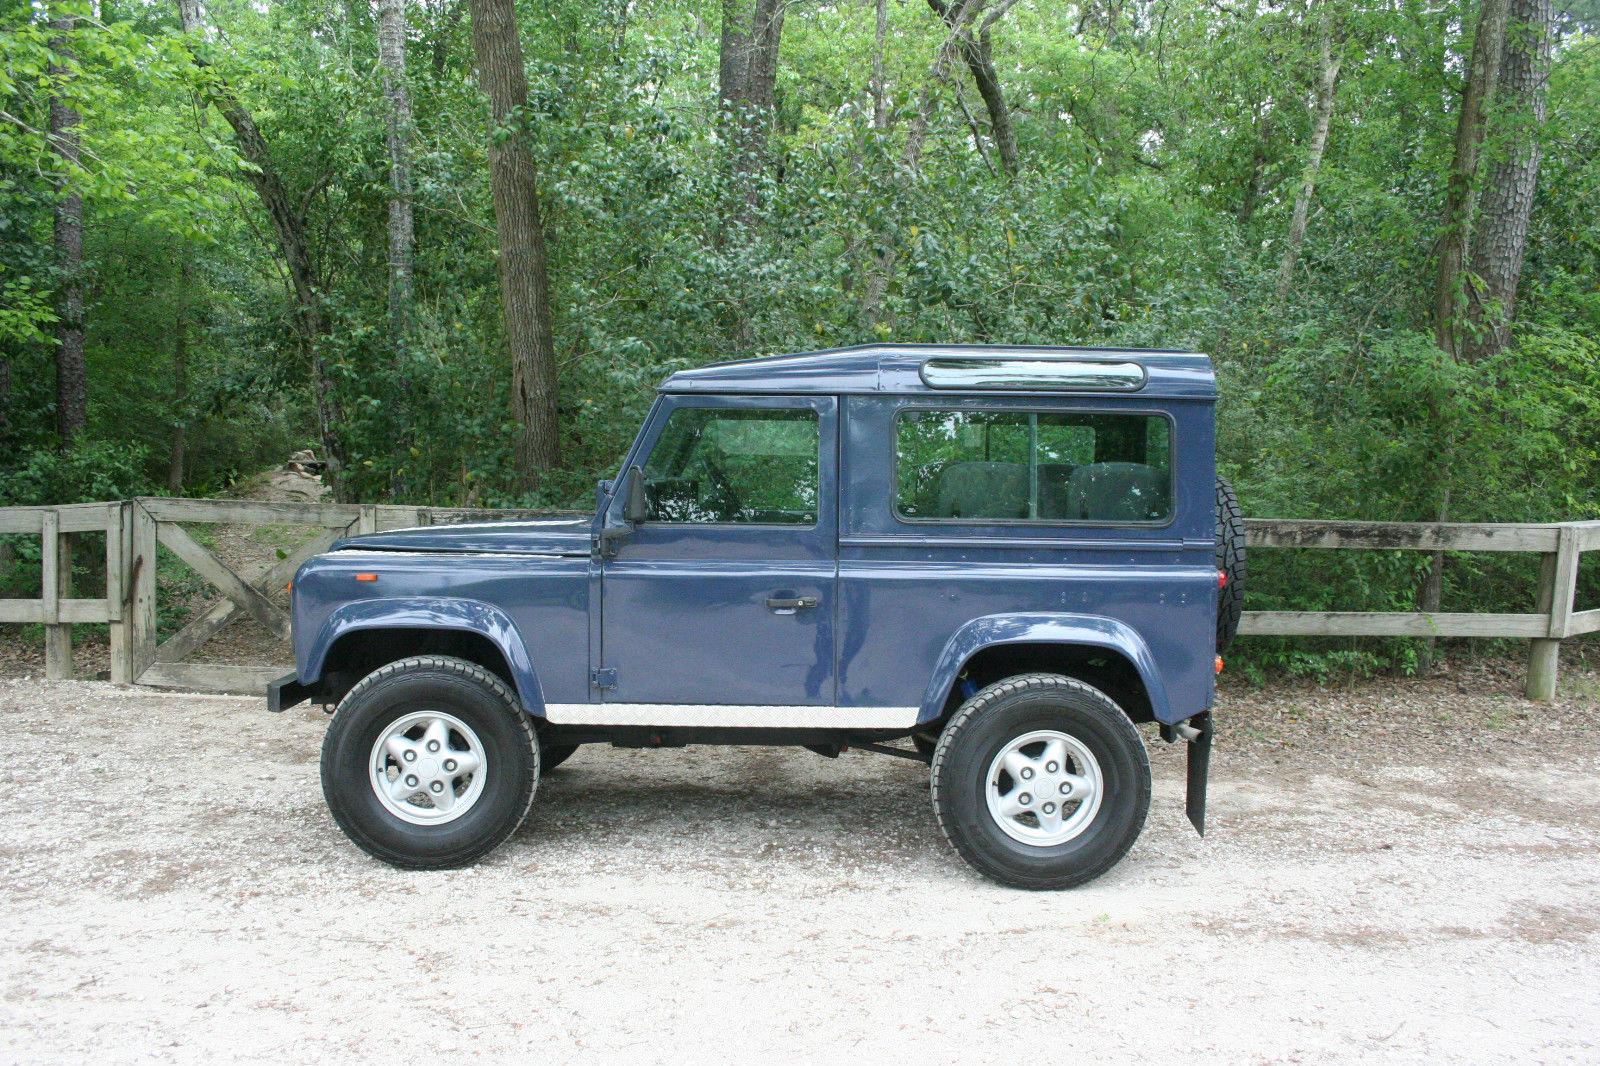 Rebuilt Land Rover Defender